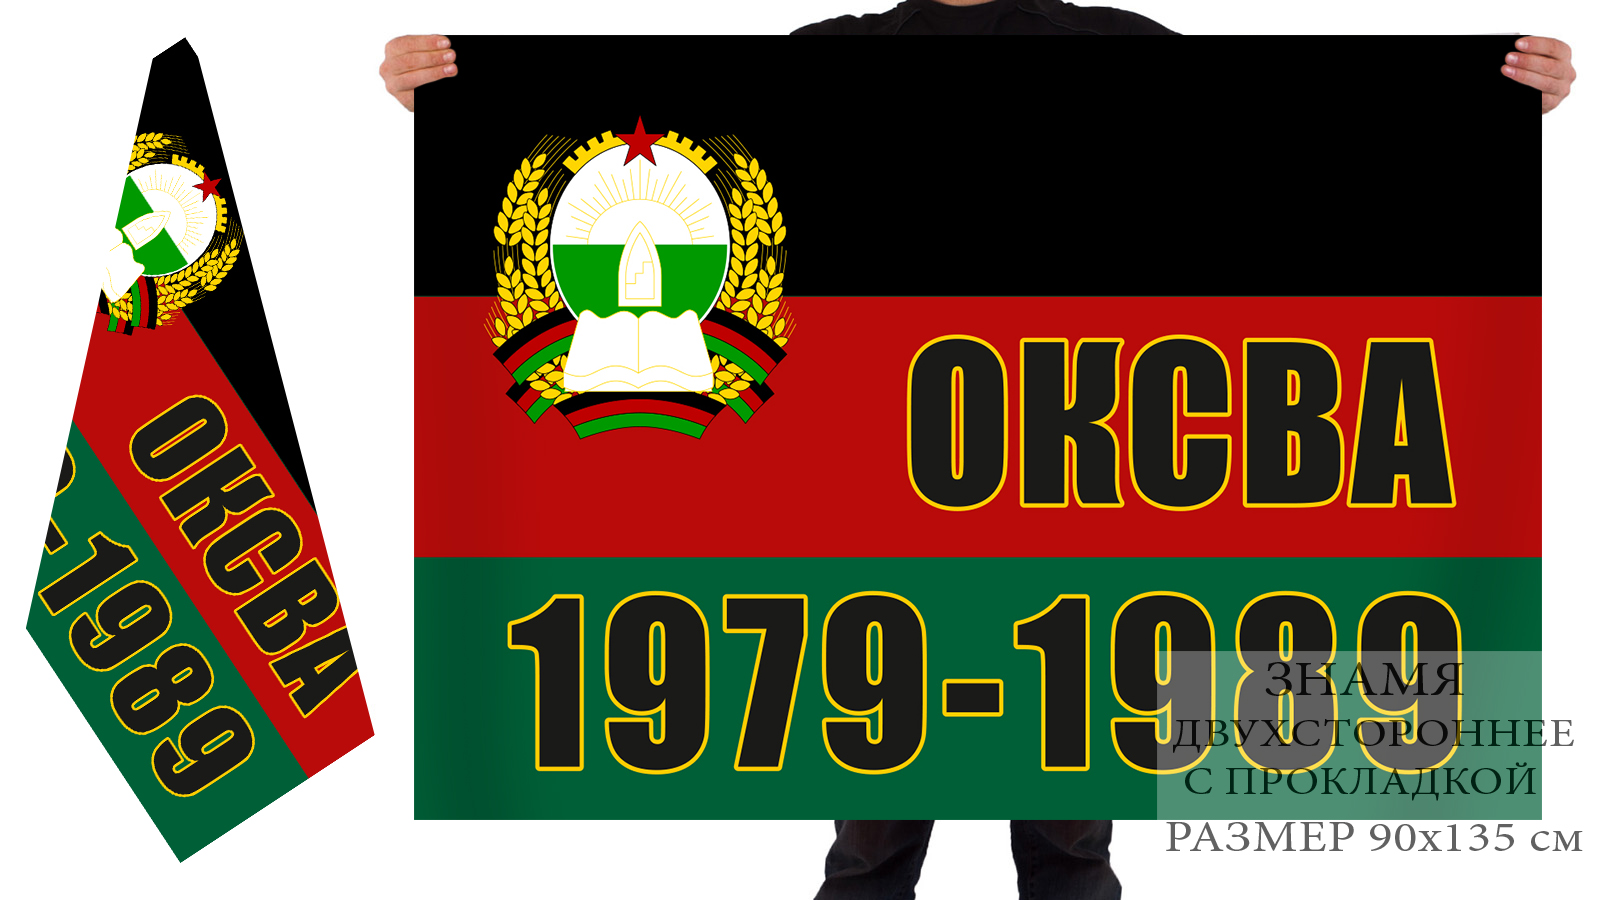 Двусторонний флаг ОКСВА в Демократической Республике Афганистан